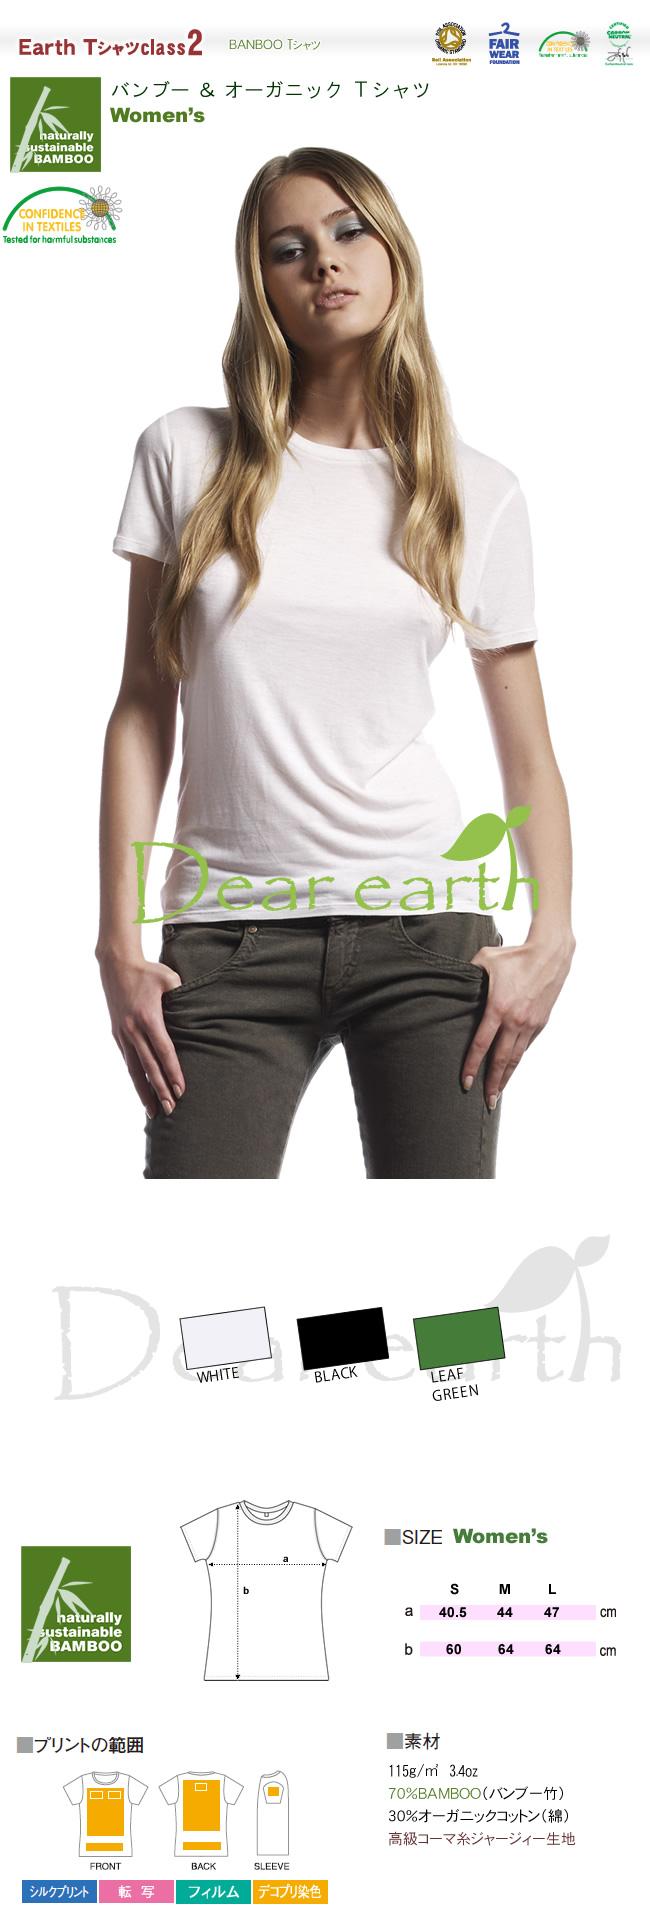 WOMEN'Sバンブー素材Tシャツclass2(EC44)